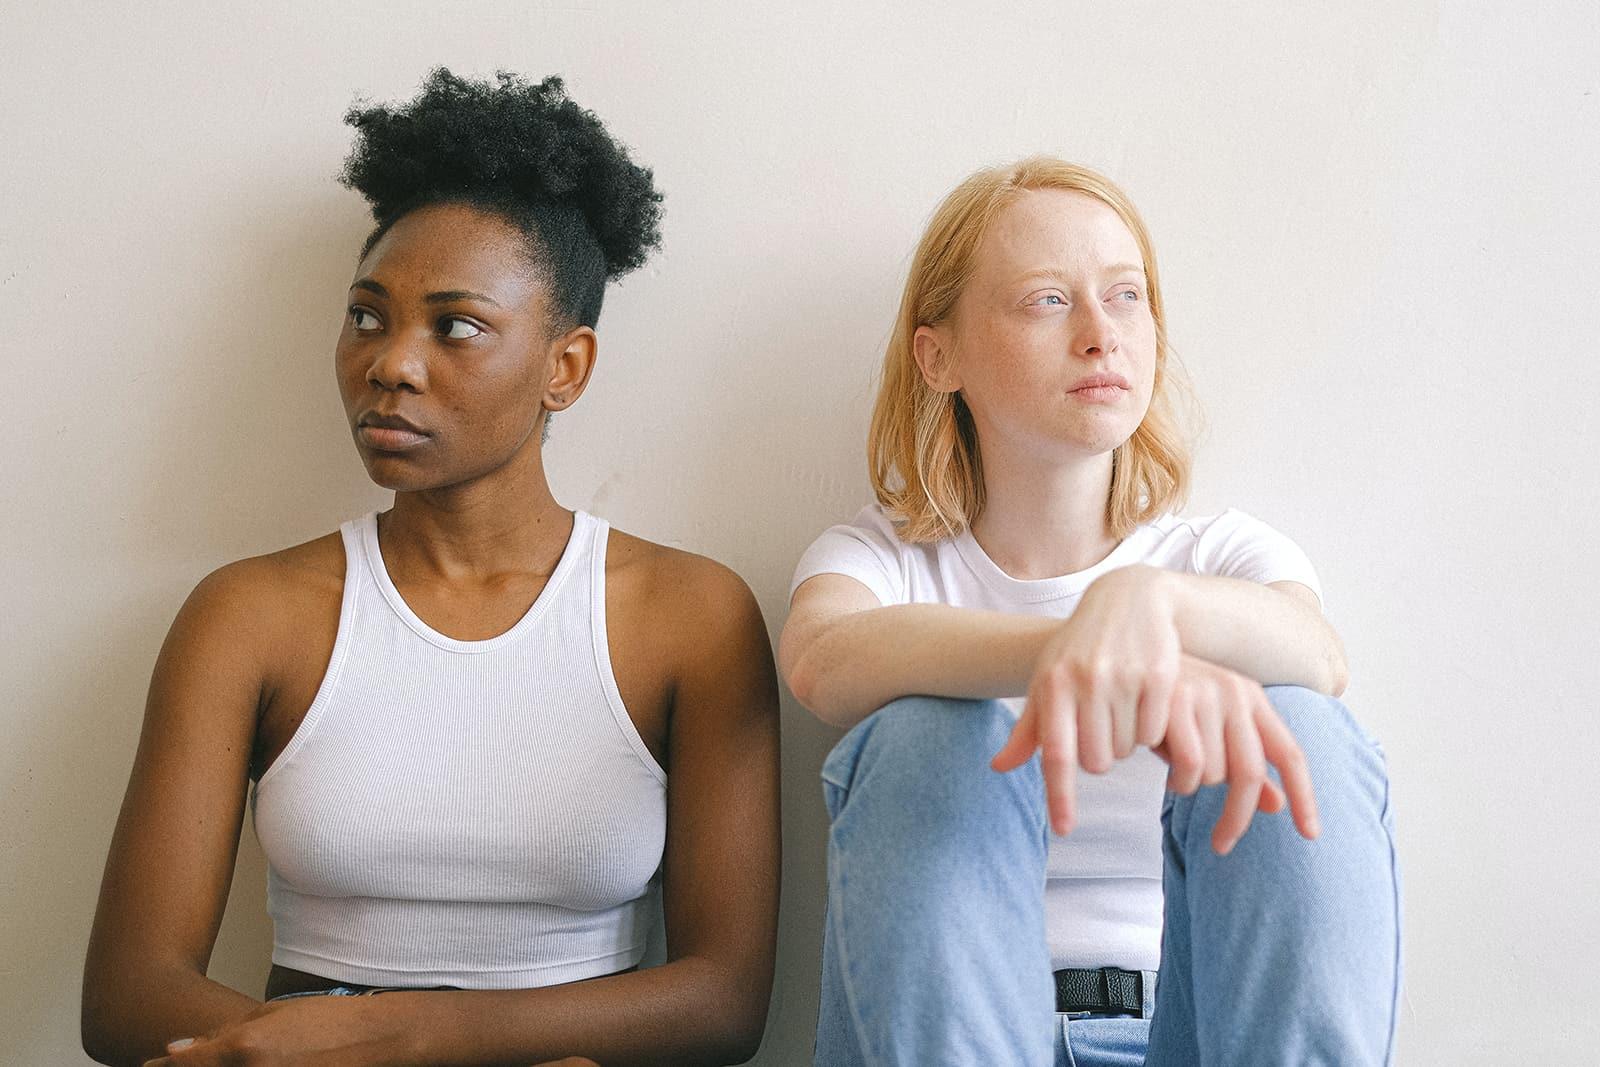 zwei Frauen sitzen eng beieinander und drehen den Kopf voneinander ab